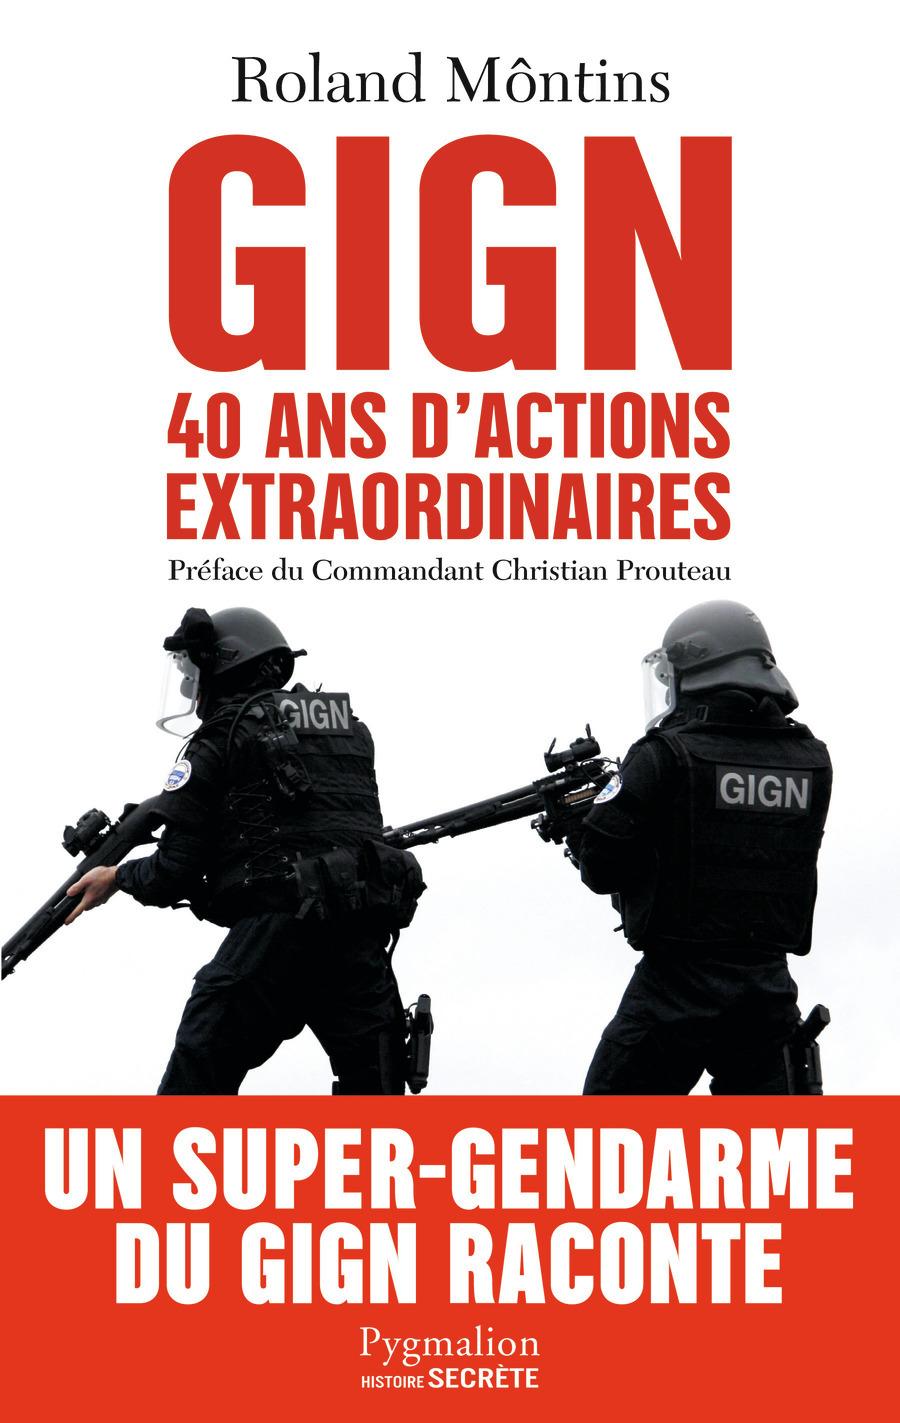 GIGN - L'HISTOIRE SECRETE